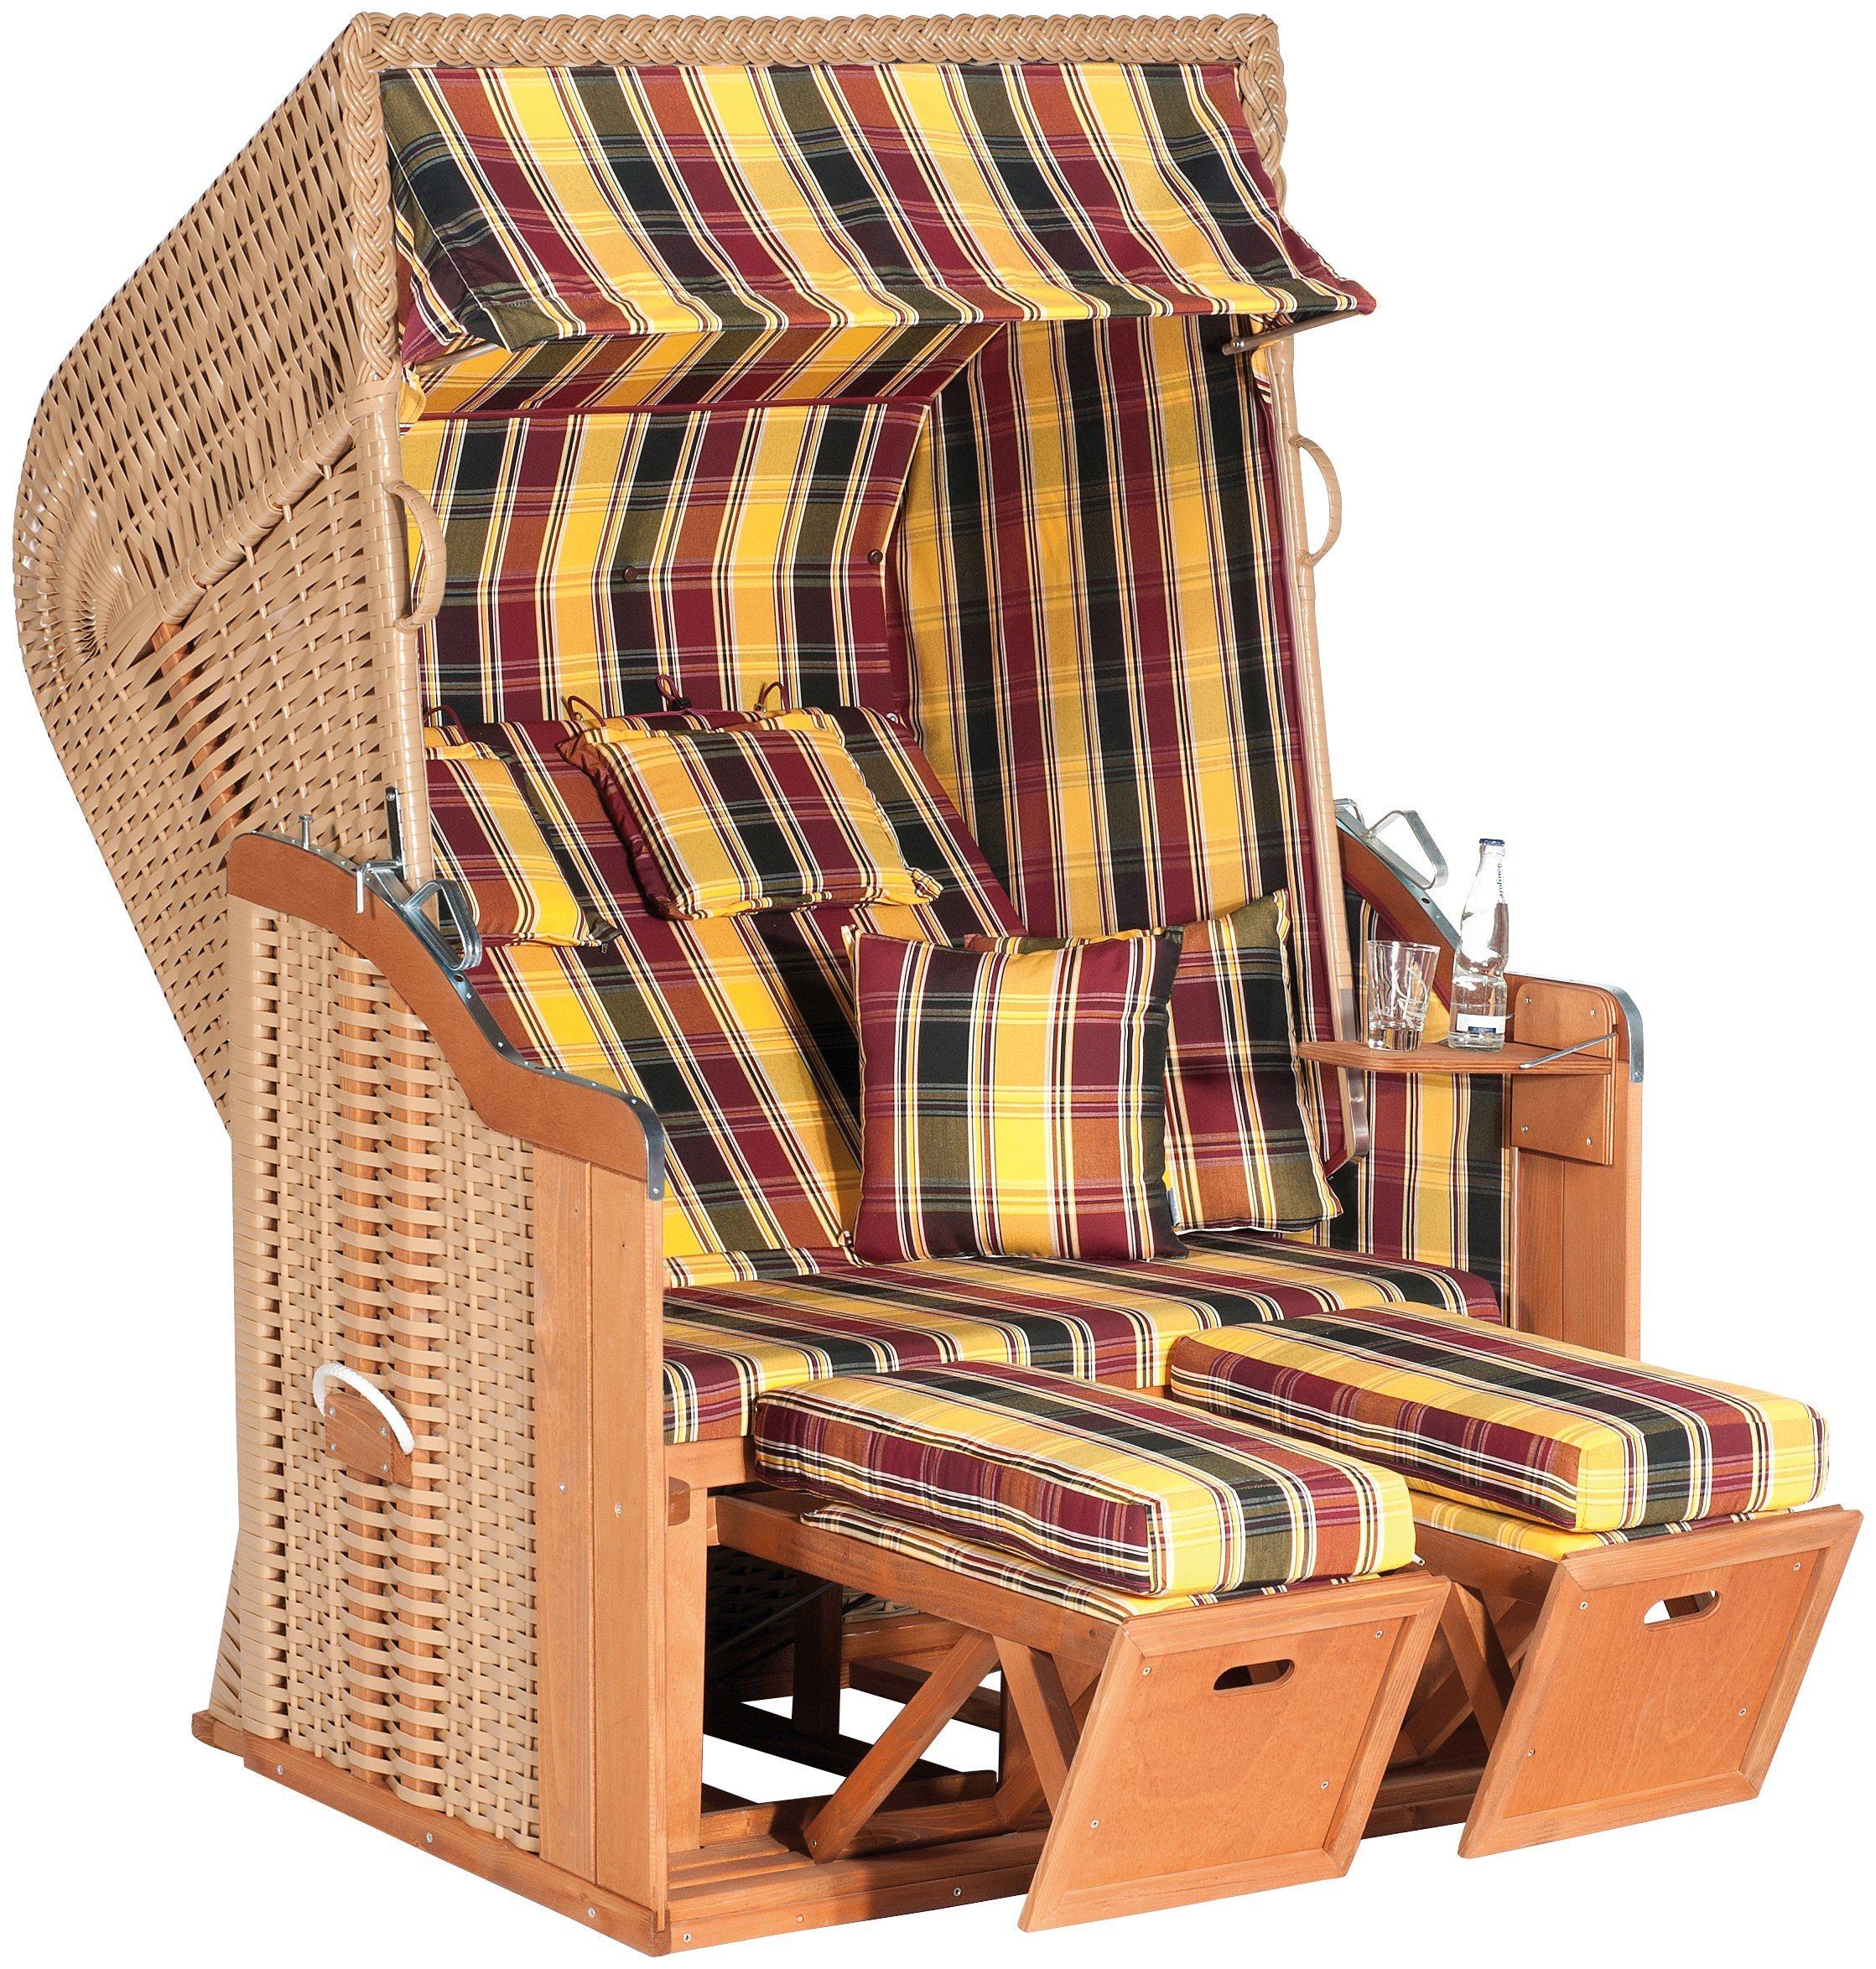 strandkorb kissengarnitur preisvergleich die besten angebote online kaufen. Black Bedroom Furniture Sets. Home Design Ideas